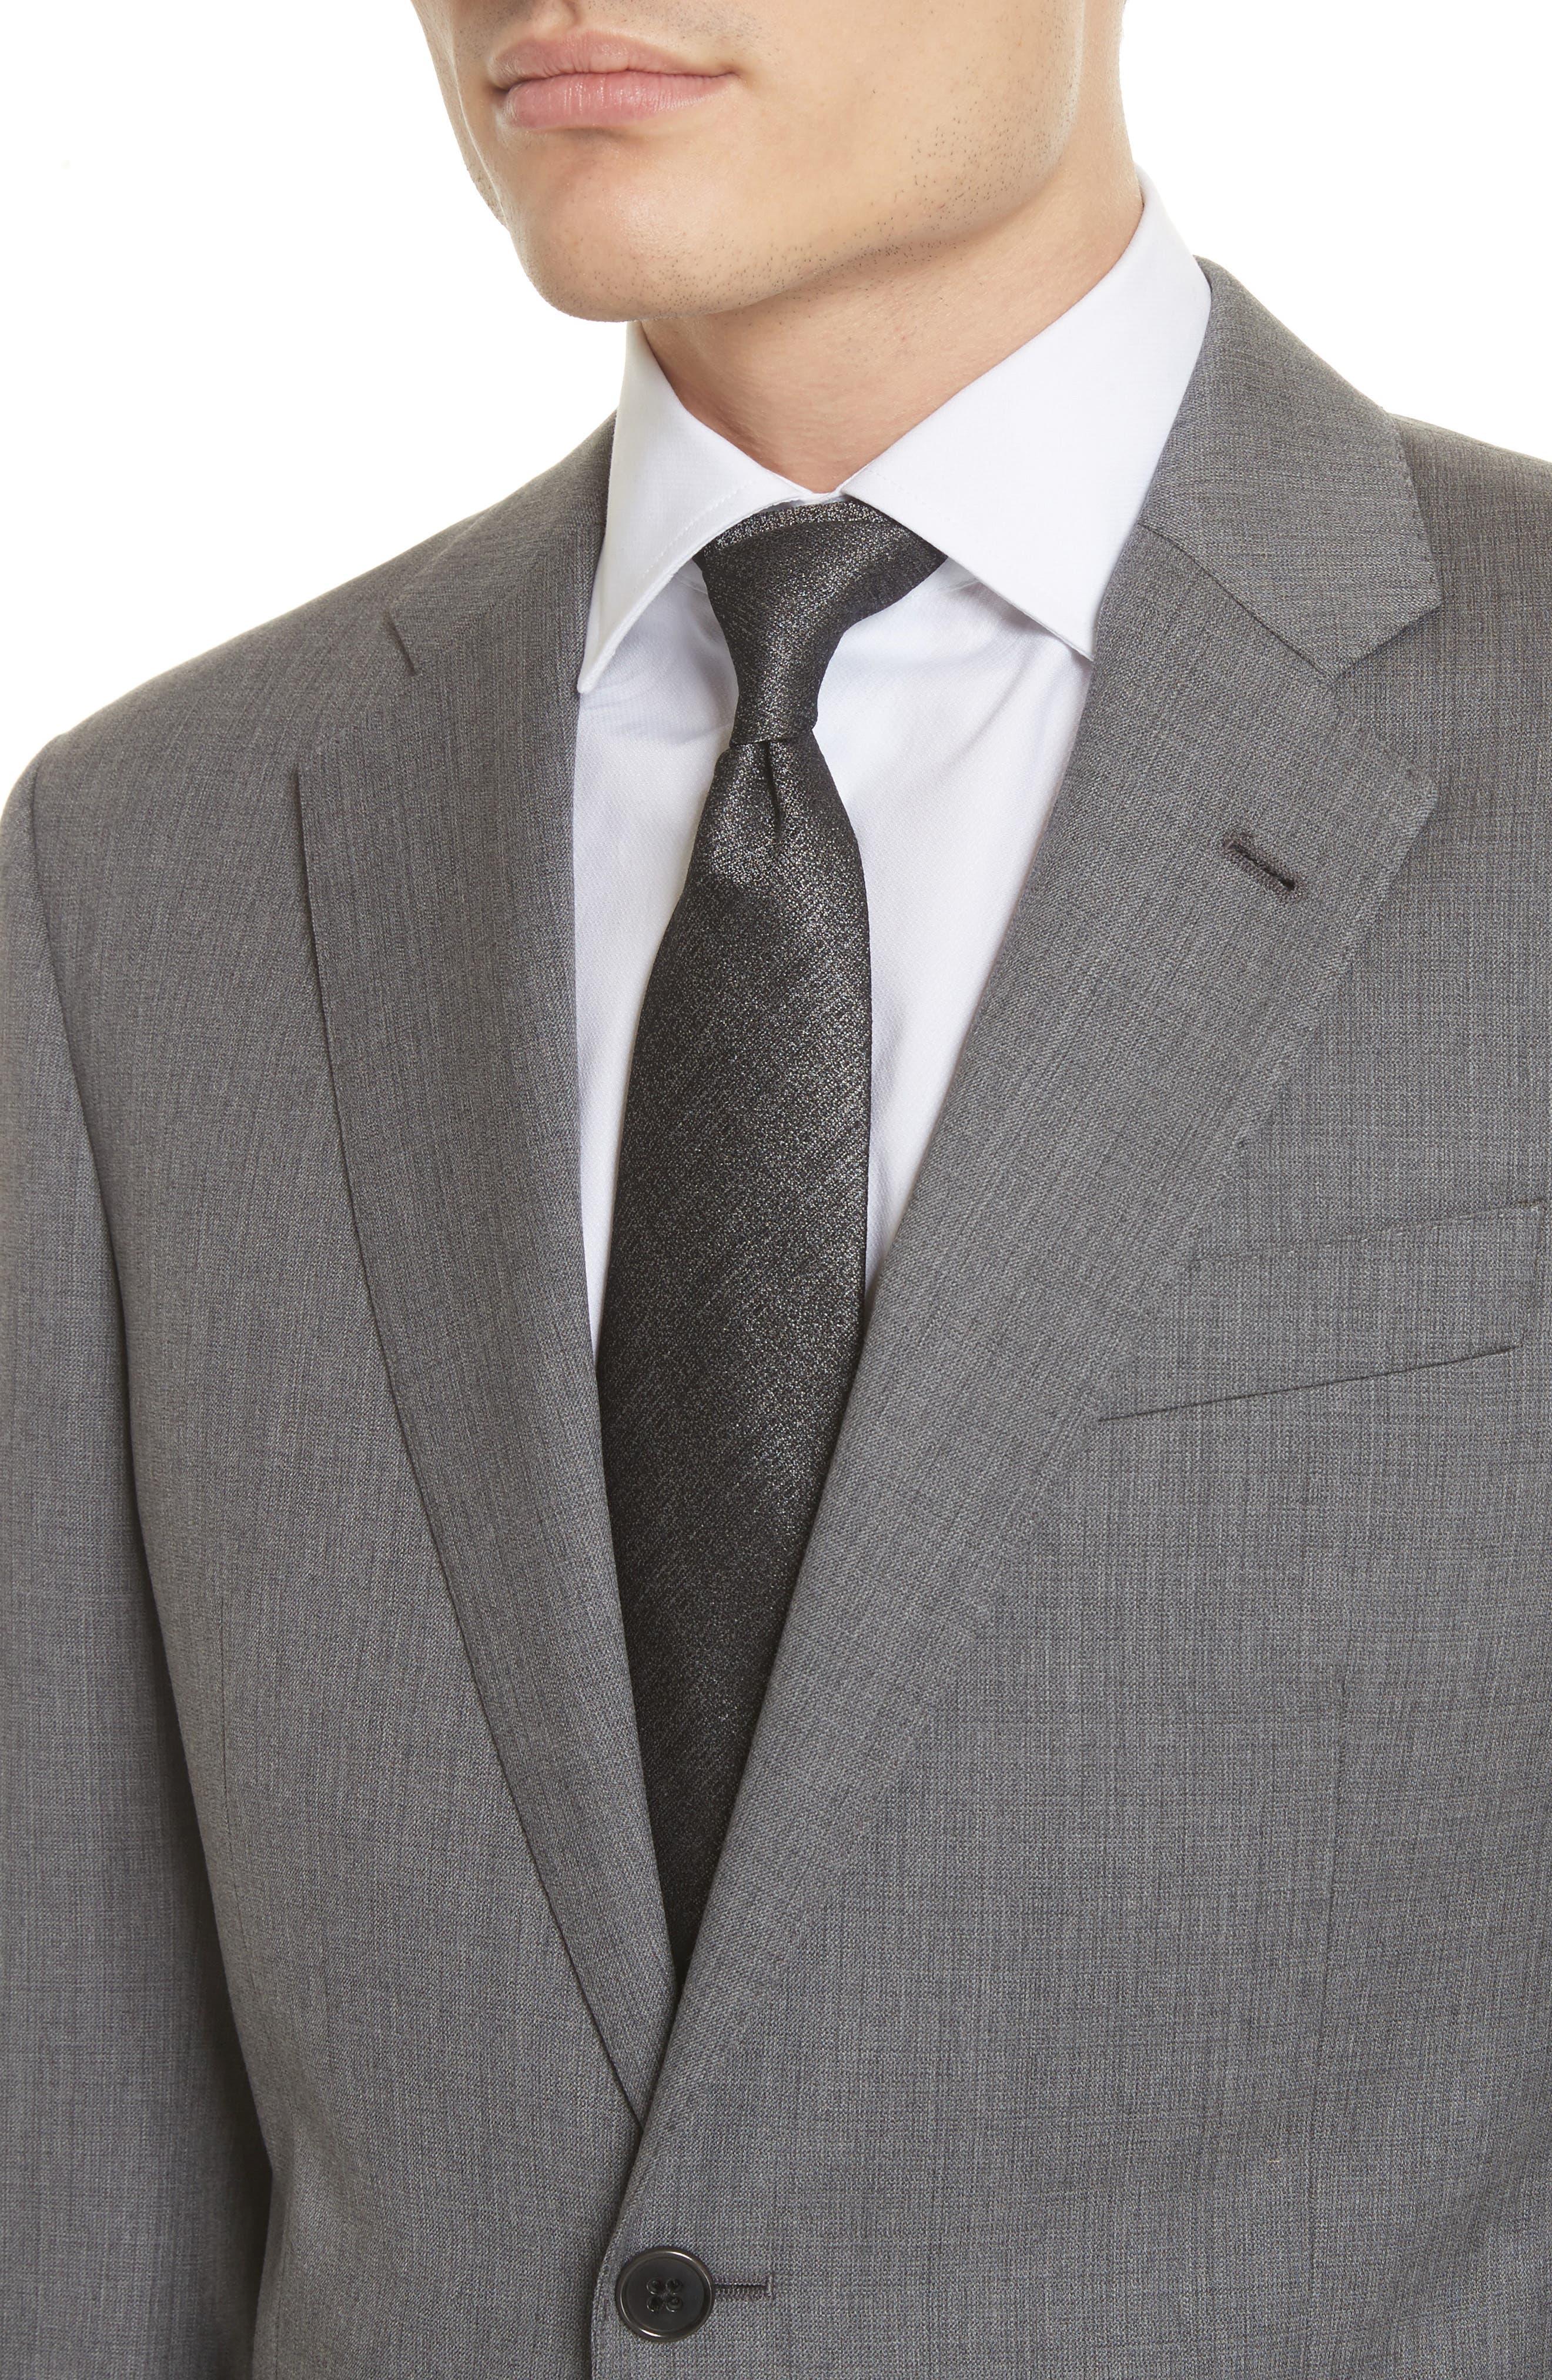 Trim Fit Sharkskin Wool Suit,                             Alternate thumbnail 7, color,